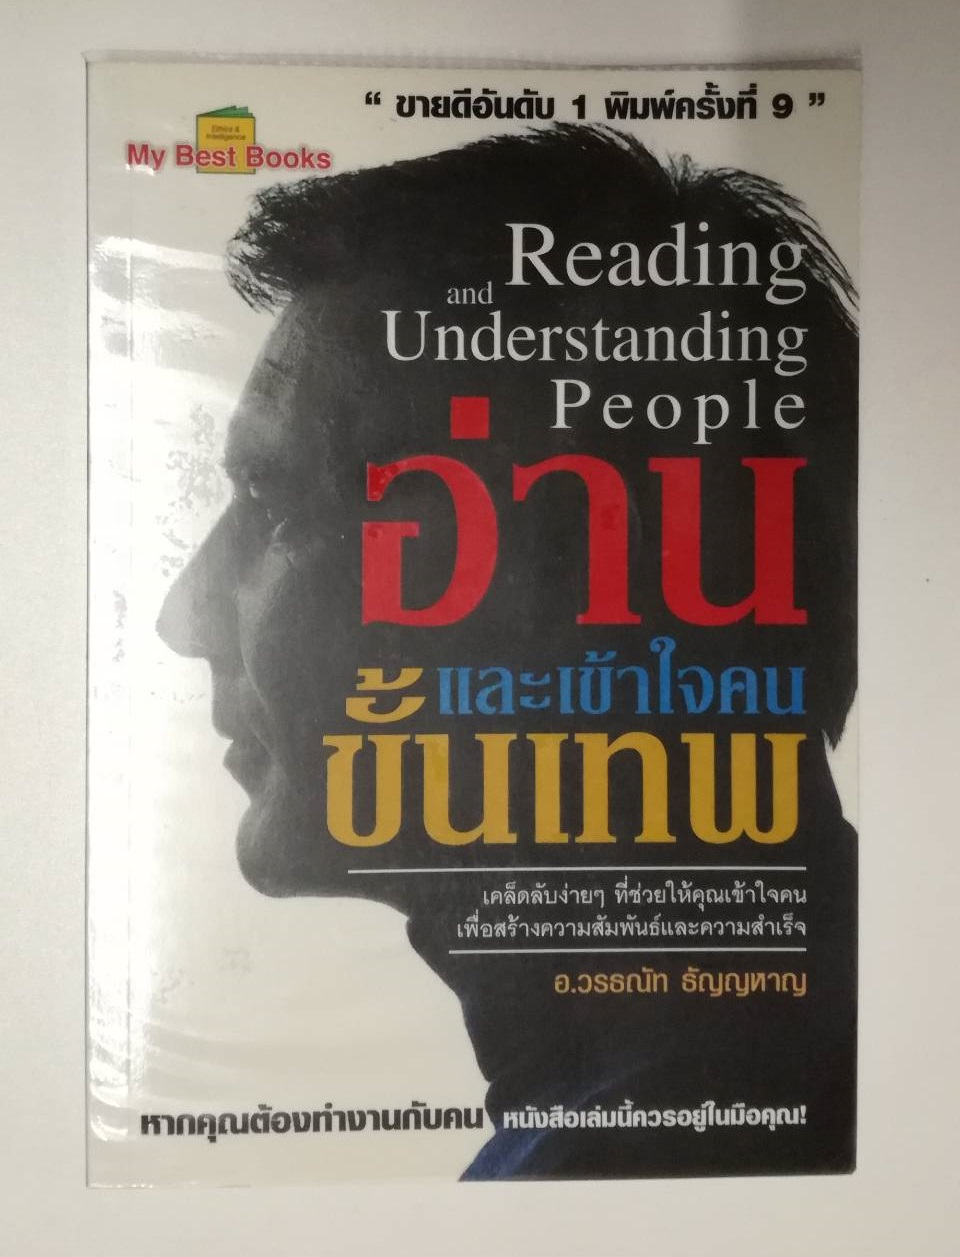 อ่านและเข้าใจคนขั้นเทพ Reading and Understanding People โดย อ.วรธณัท ธัญญหาญ